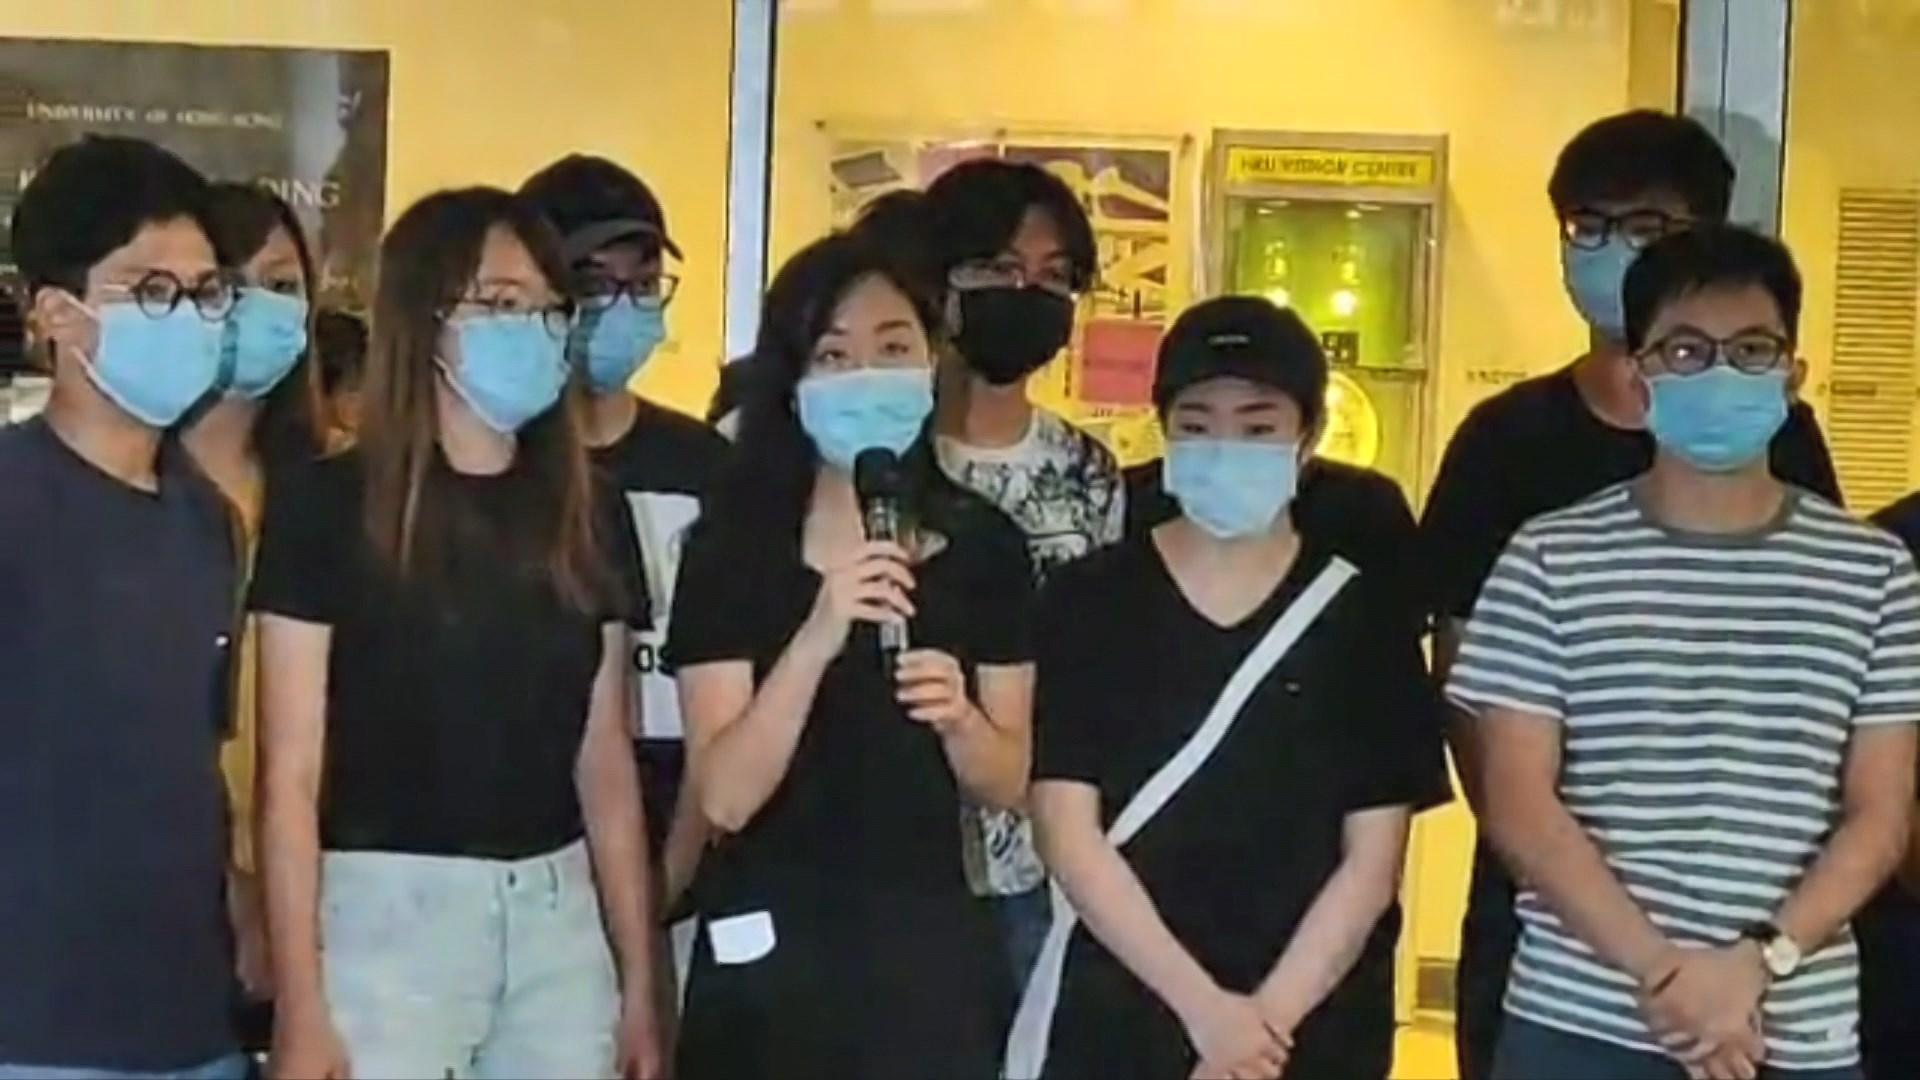 港大生促張翔周五回應學生三大訴求